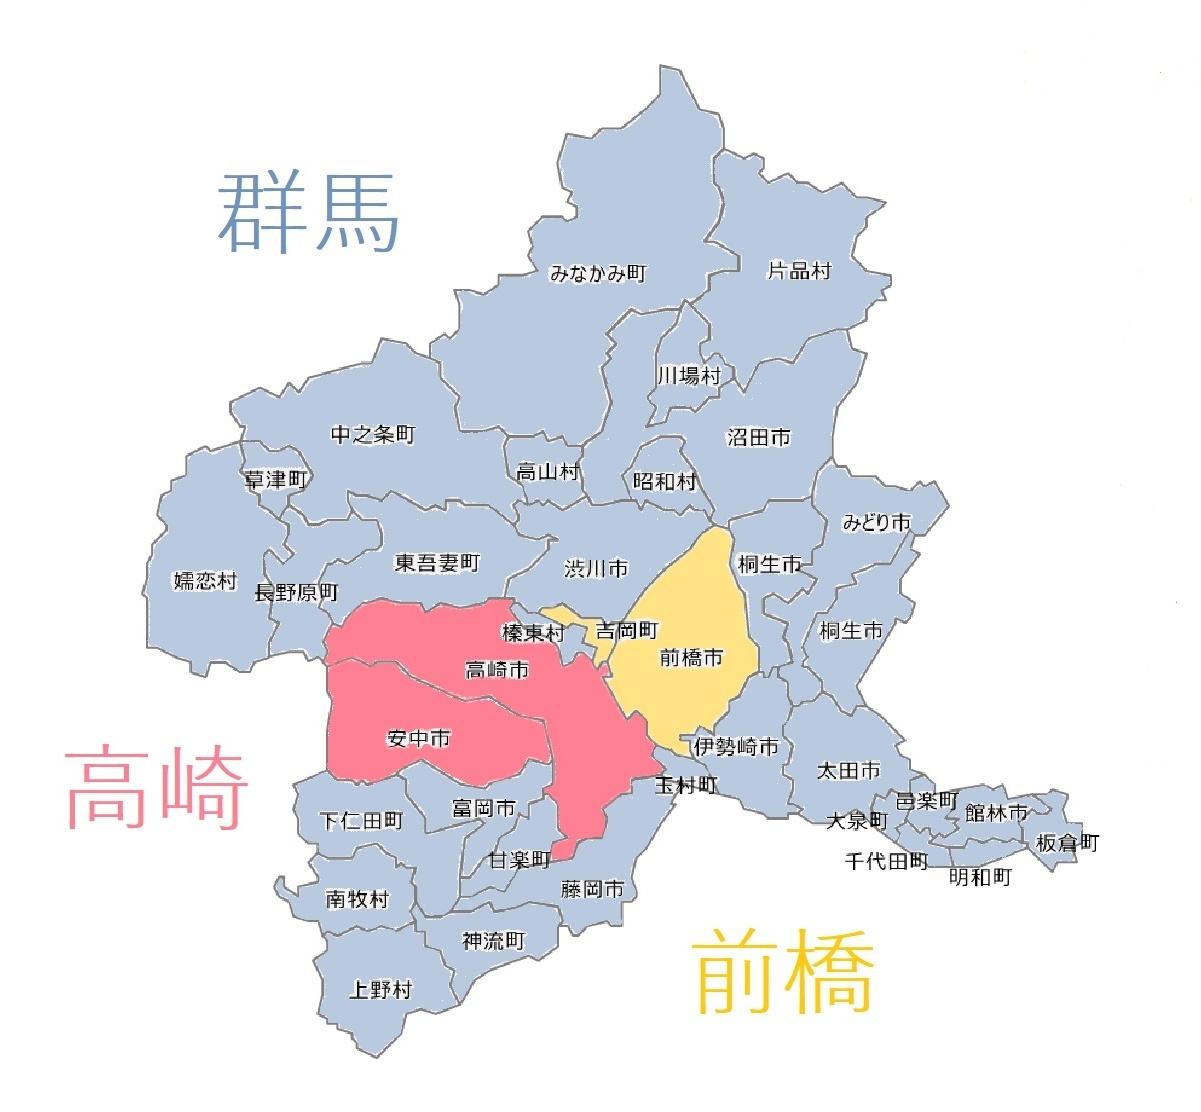 群馬県のナンバープレート地域区分2020